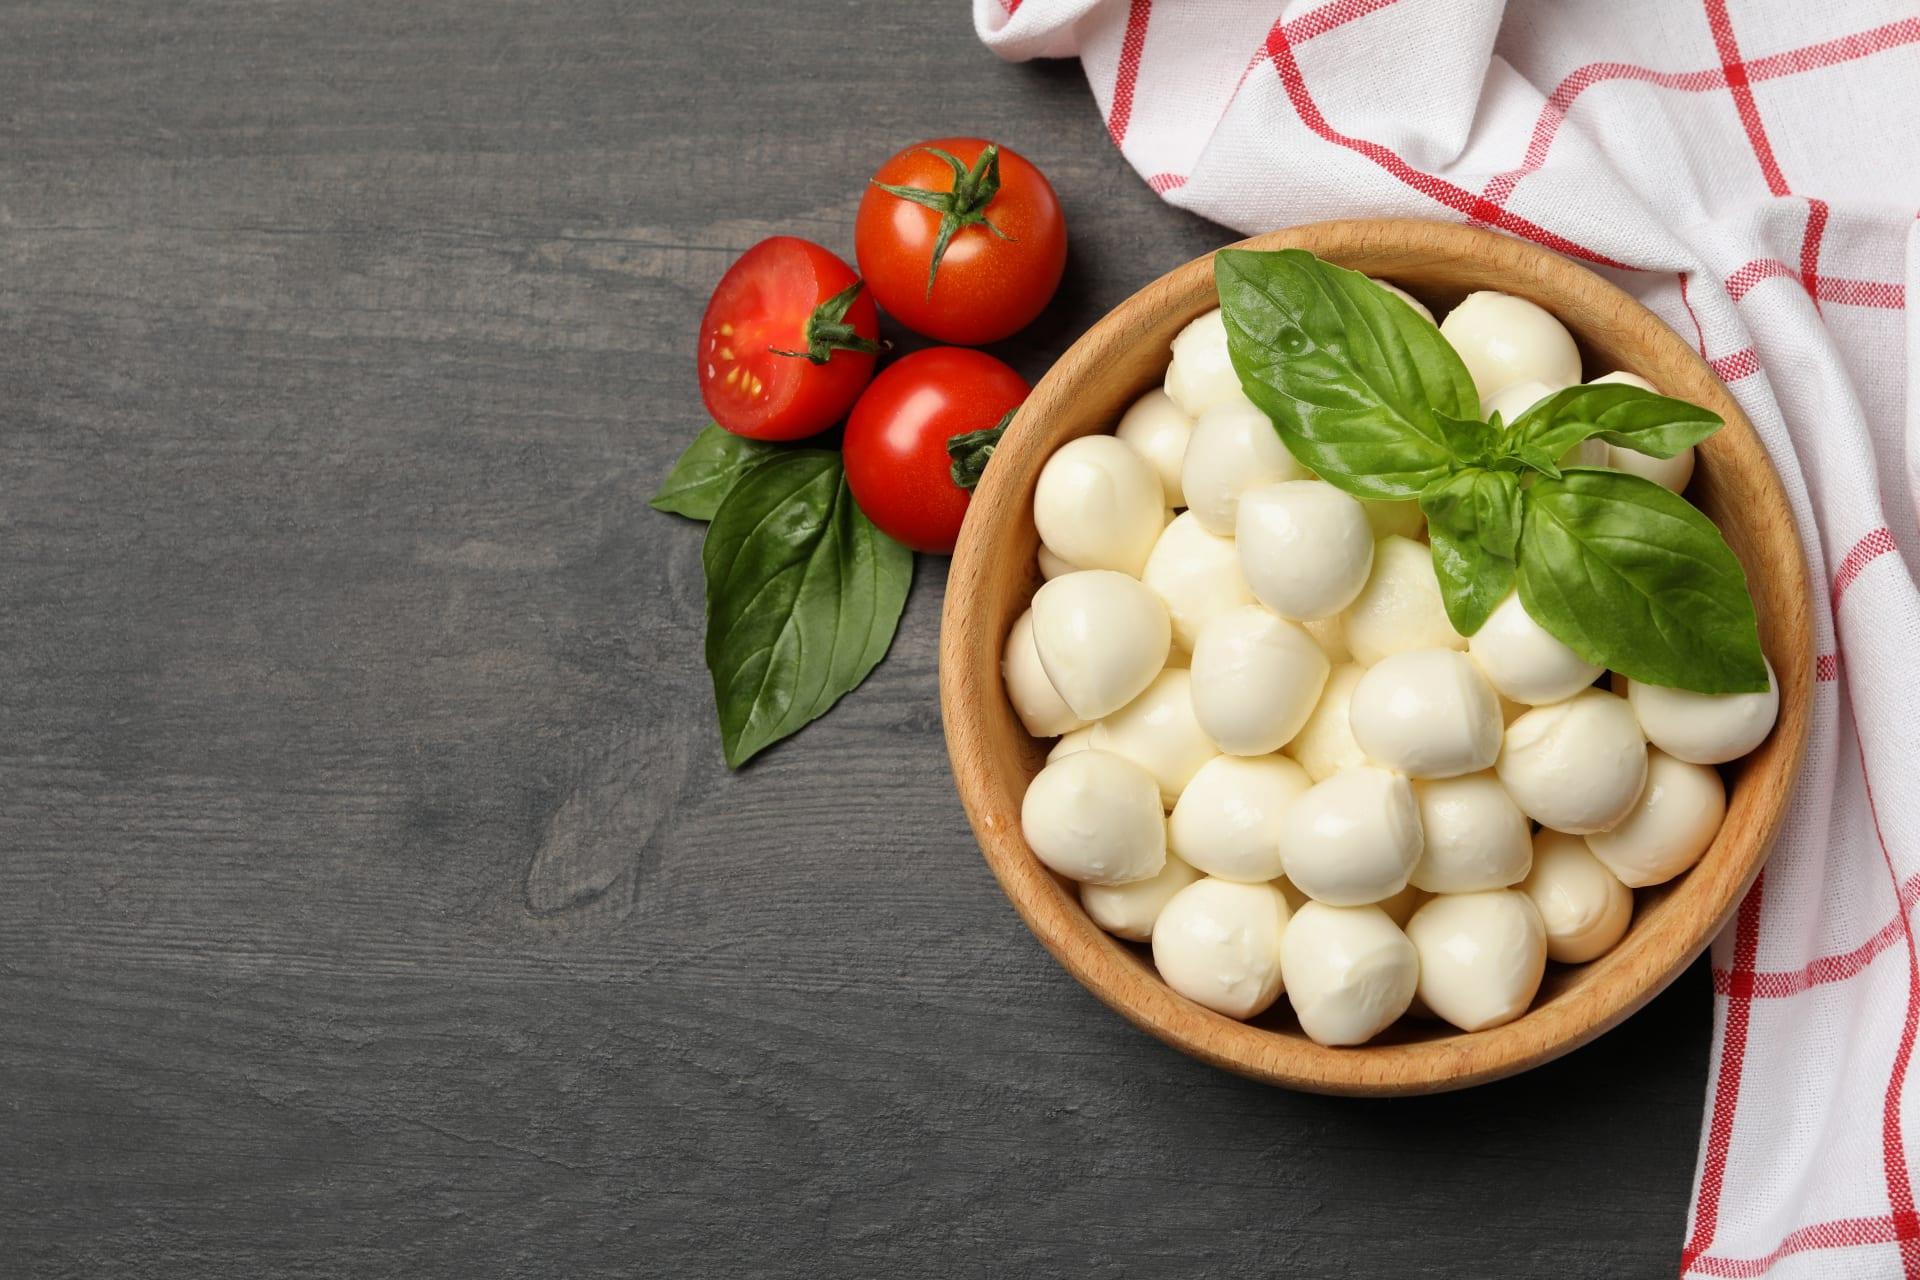 Puglia - The Making of Mozzarella, Ricotta, Burrata and More